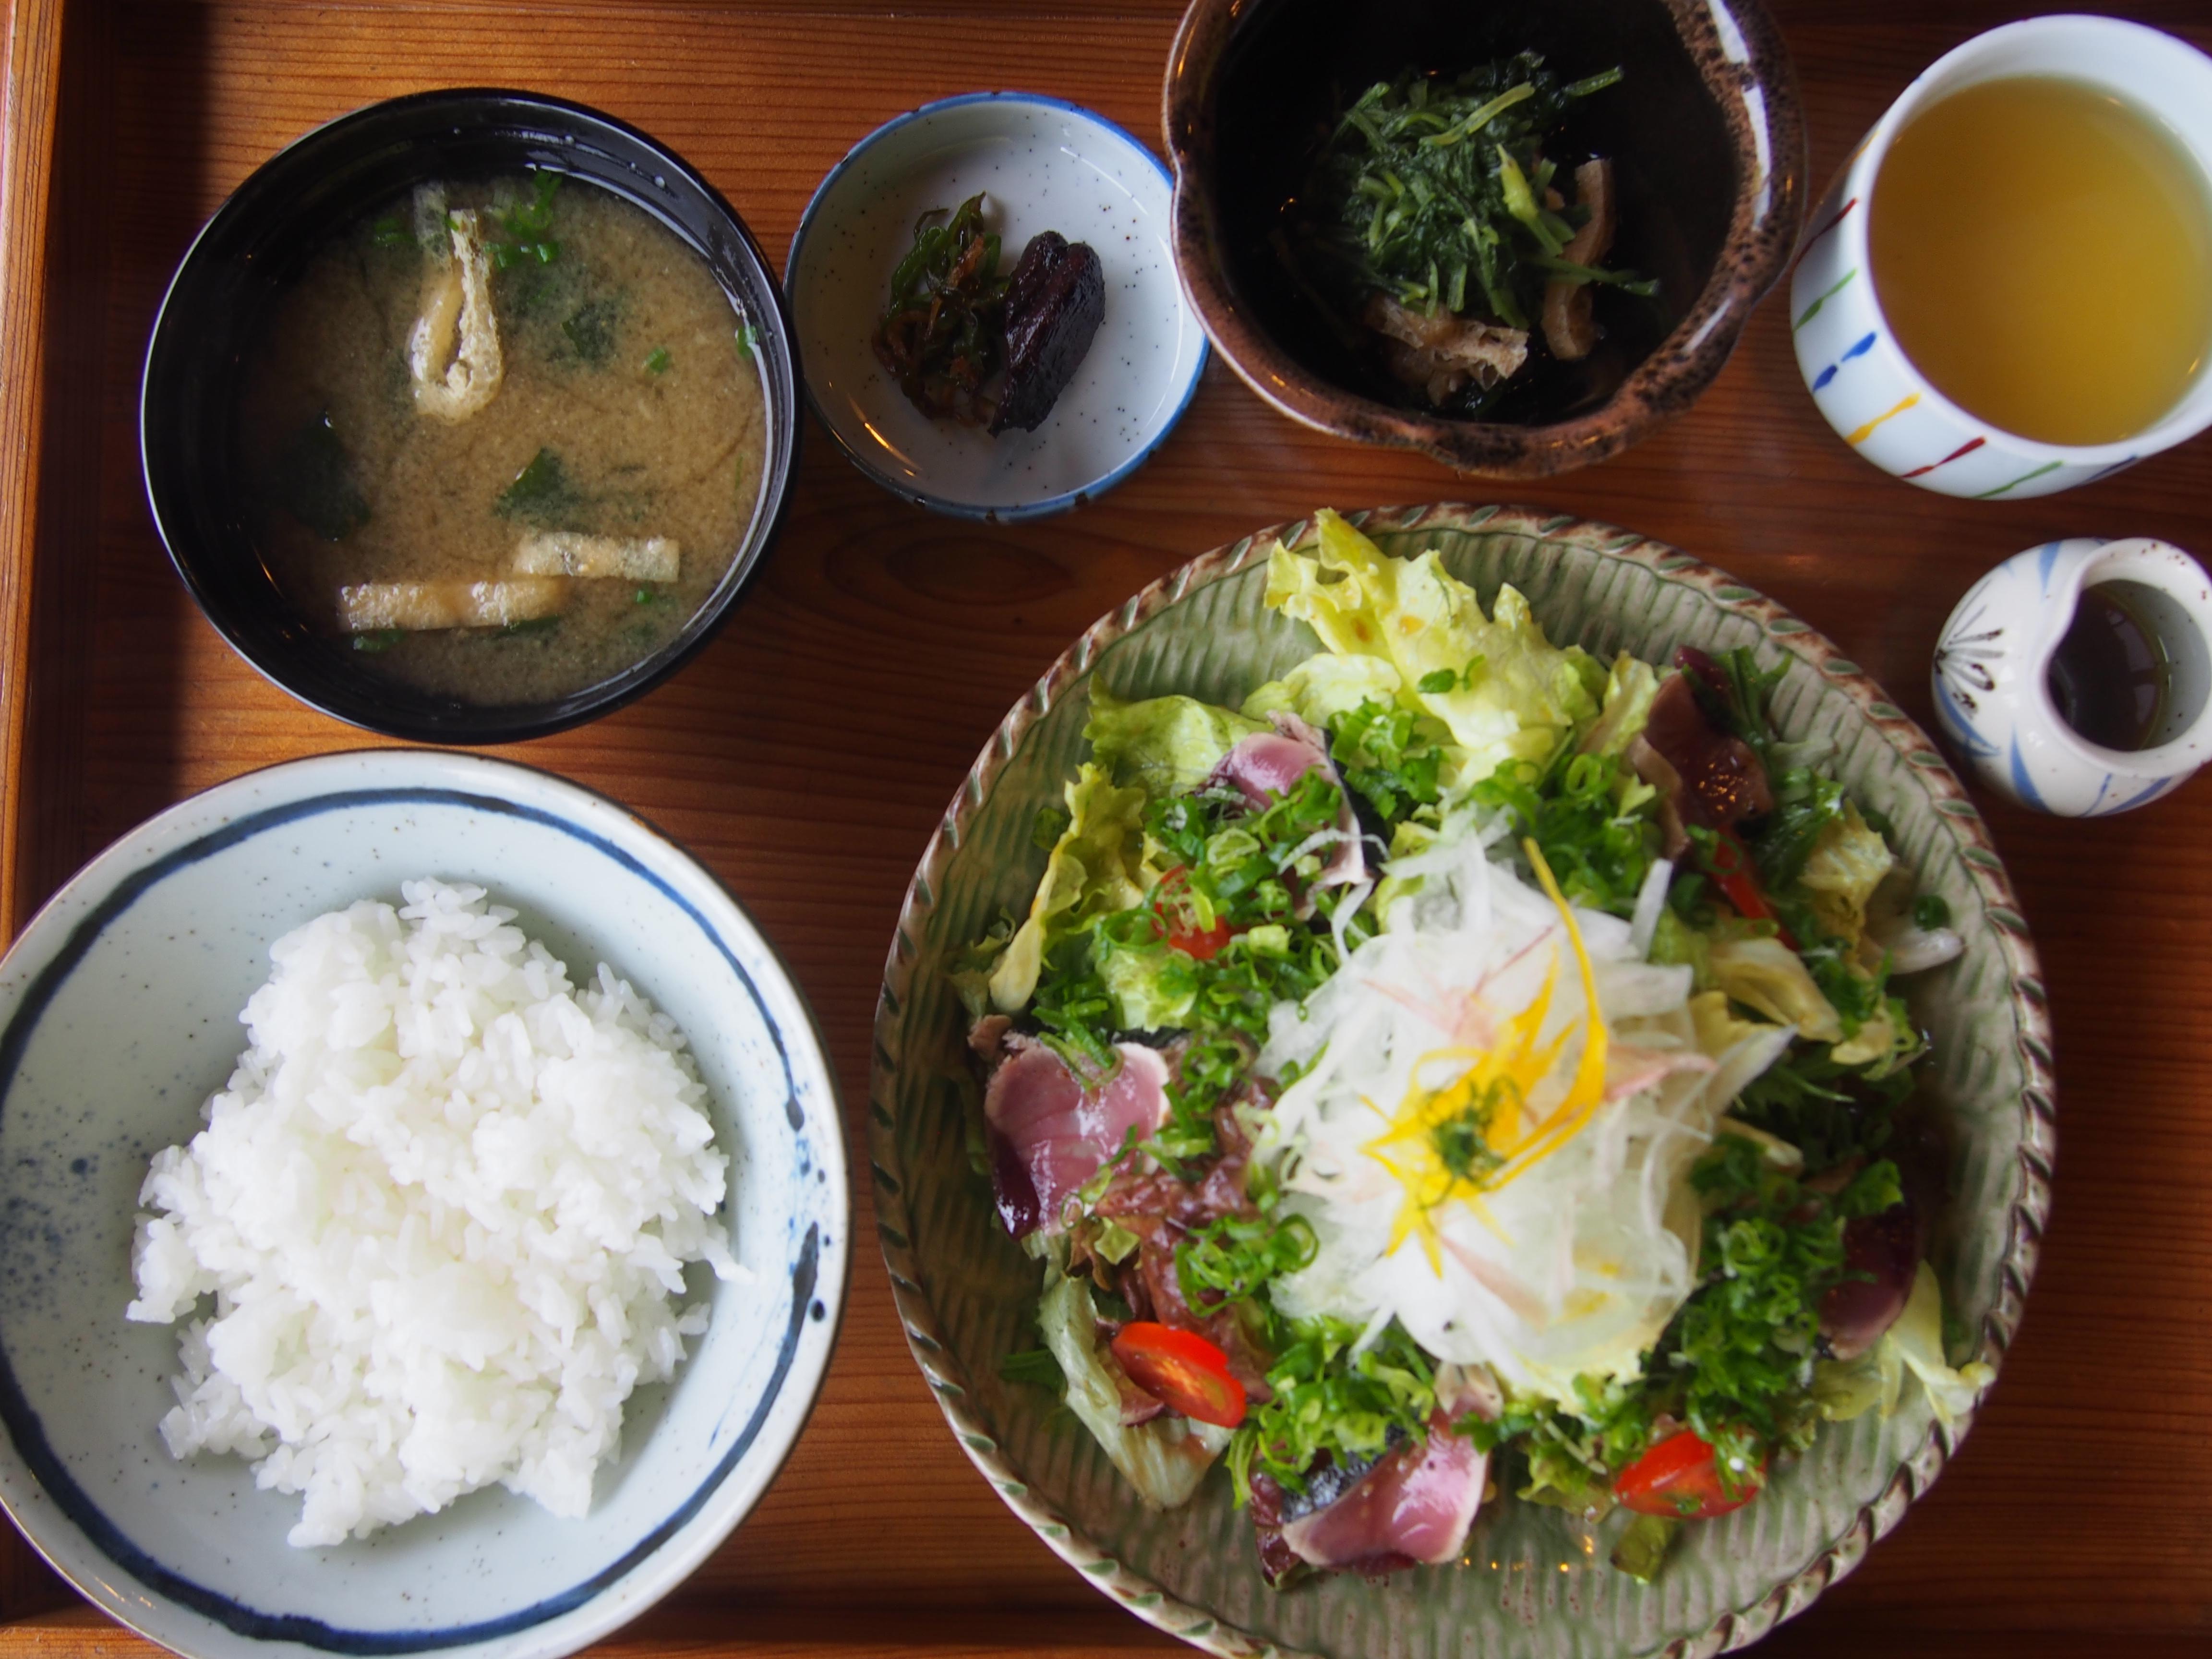 高知 中土佐町 萬や ランチ 魚サラダ定食